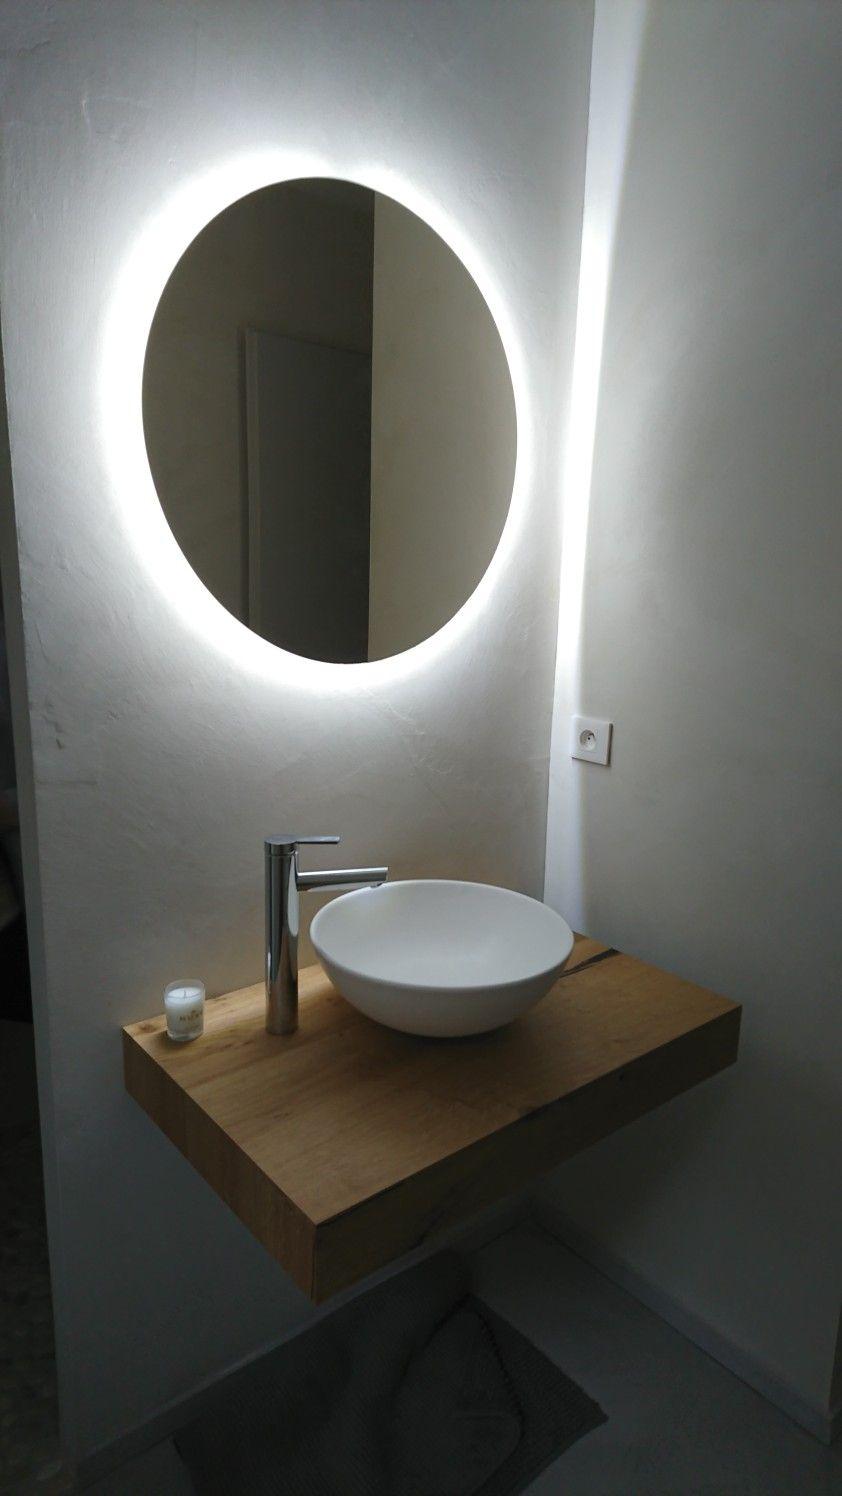 Extraordinaire Miroir retro-éclairé rond diamètre 68cm | Bathroom design en 2019 ZW-13